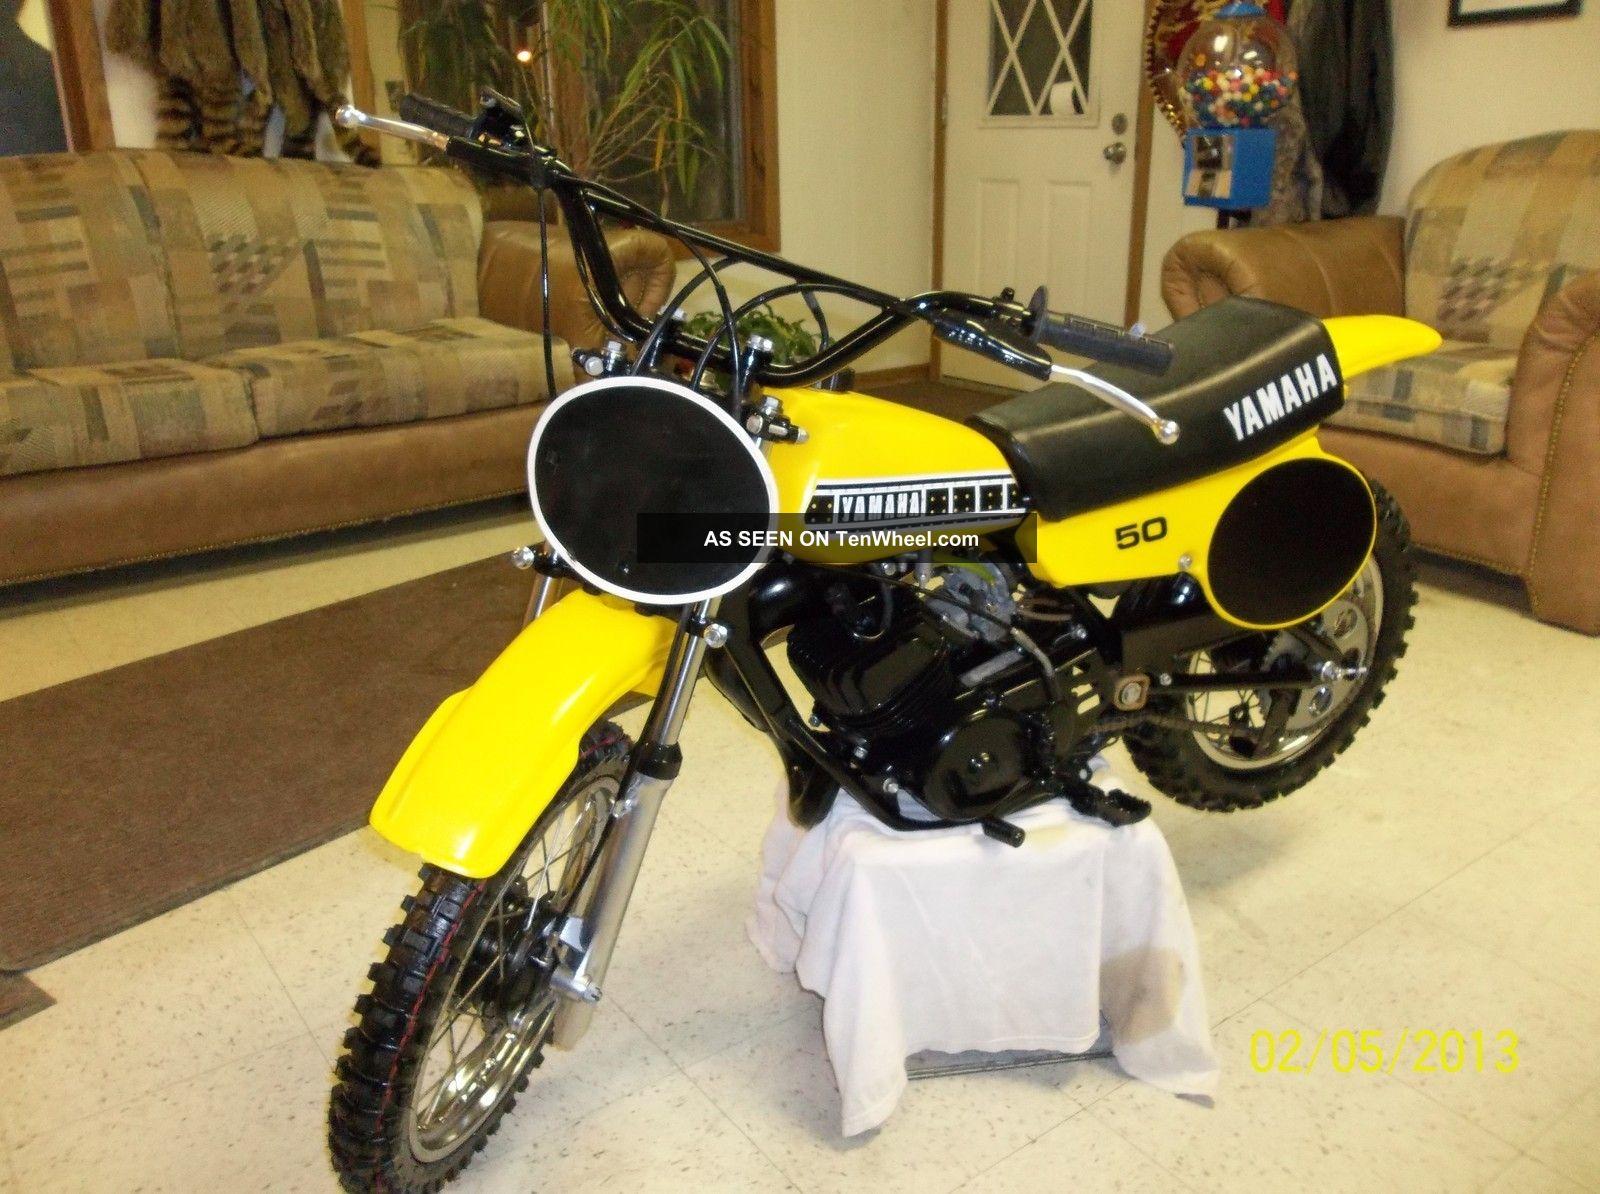 1980 Yamaha Yz50 Yz 50 Yz Ahrma Vintage Mx Motocross Xr 50 Enduro Race Minibike